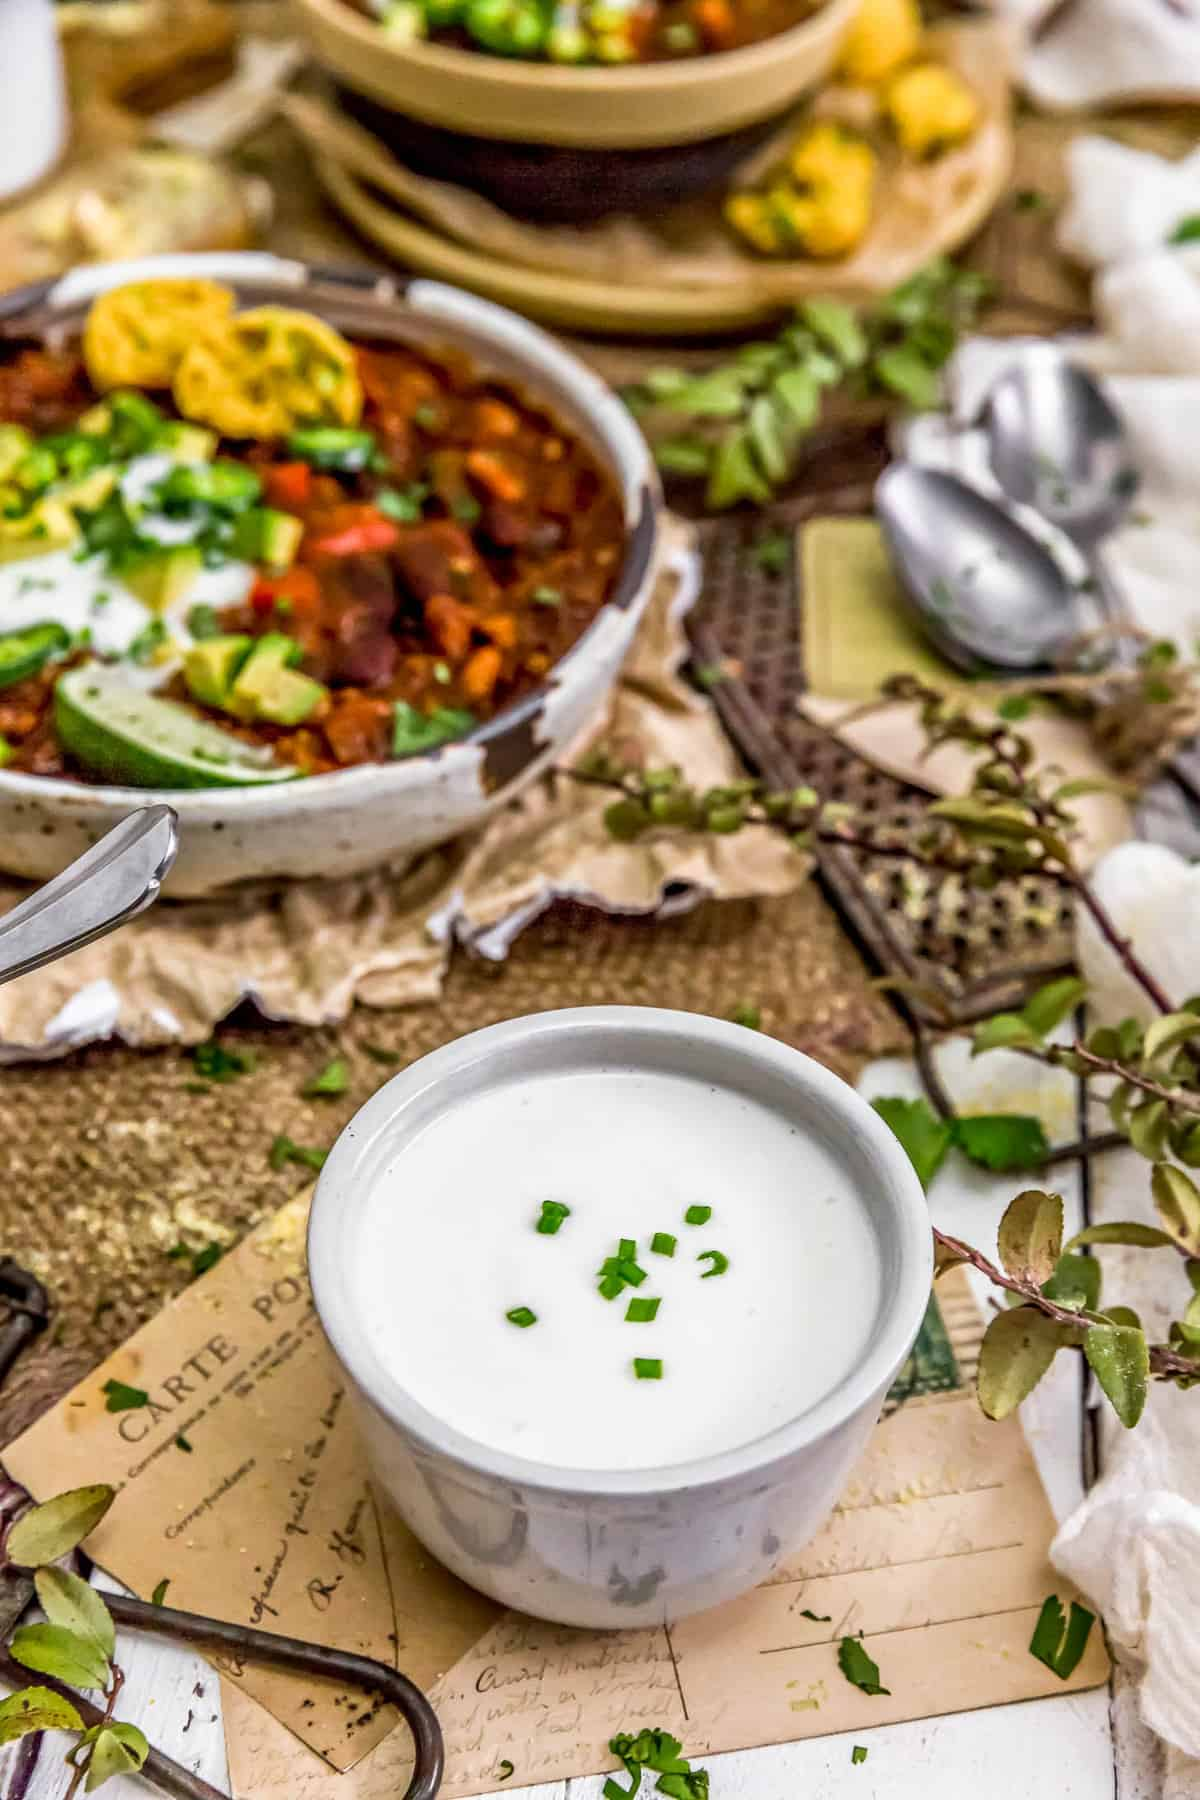 Vegan Sour Cream with vegan chili